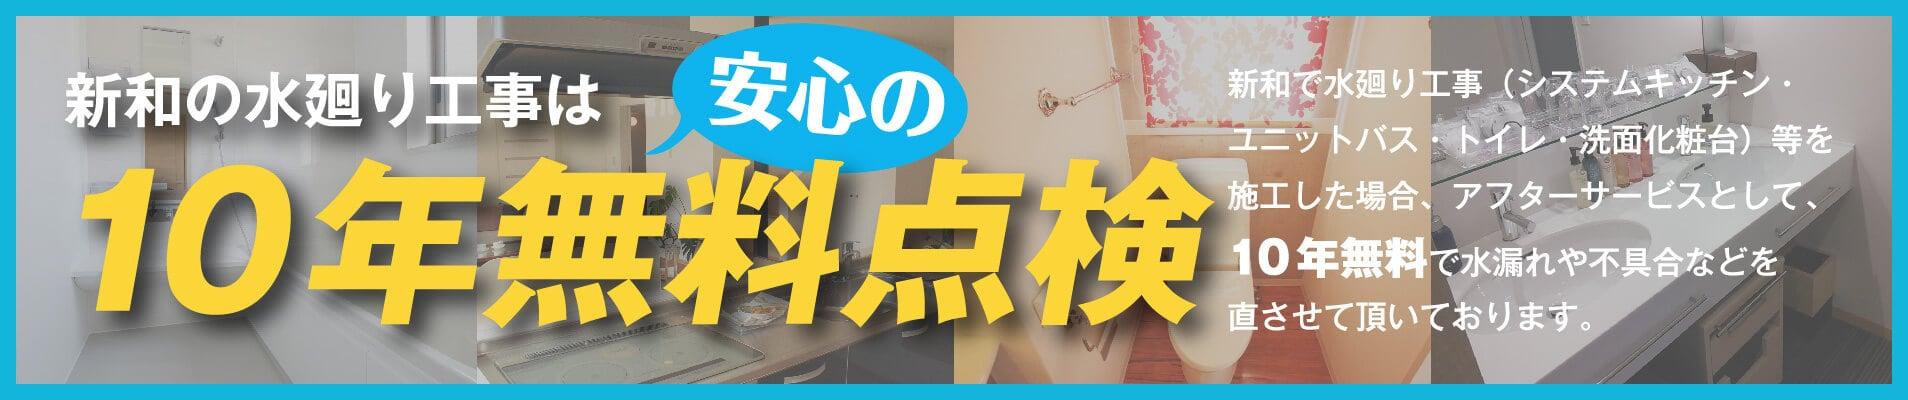 新和の水廻りは安心の10年無料点検 新和で水廻り工事(システムキッチン・ユニットバス・トイレ・洗面化粧台)等を施工した場合アフターサービスとして、10年無料点検で水漏れや不具合などを直させて頂いております。